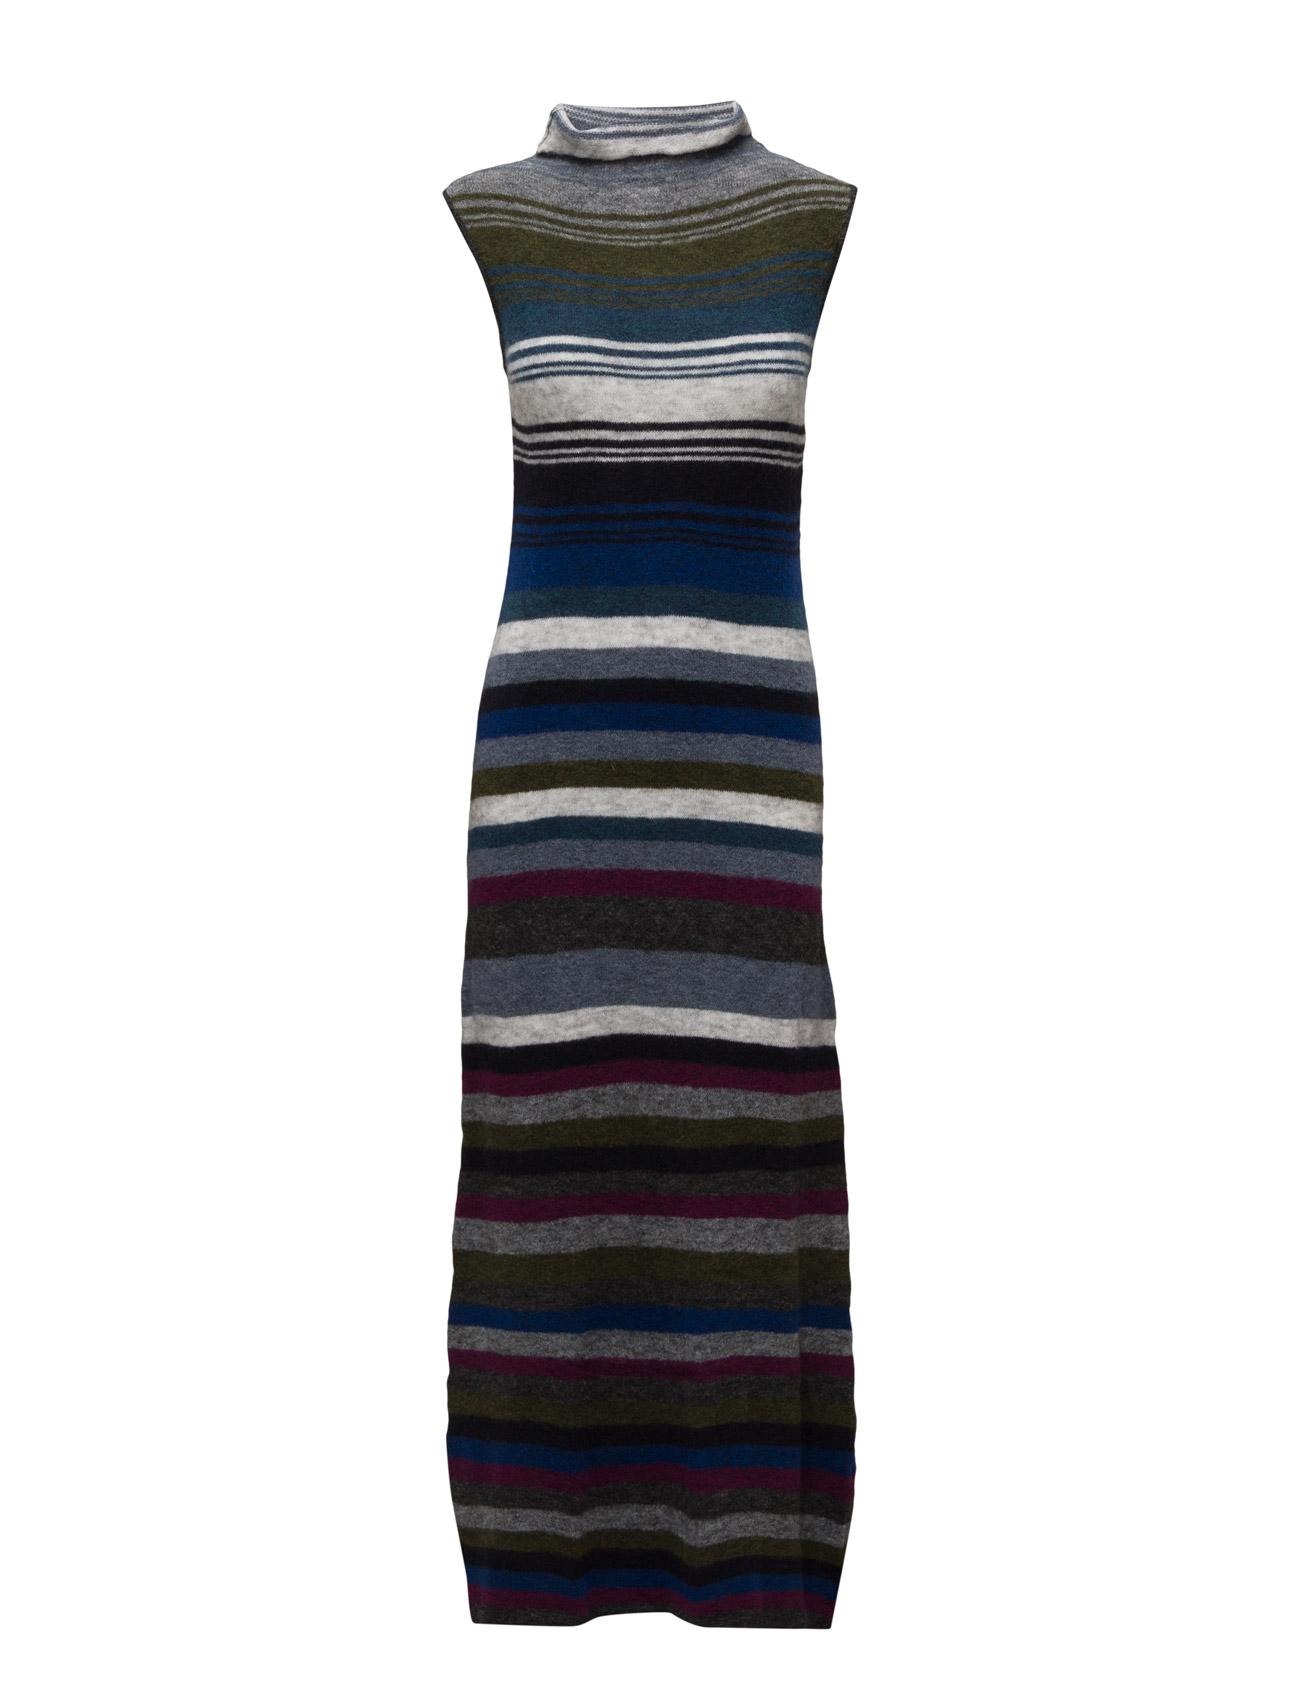 Dress United Colors of Benetton Knælange & mellemlange til Kvinder i